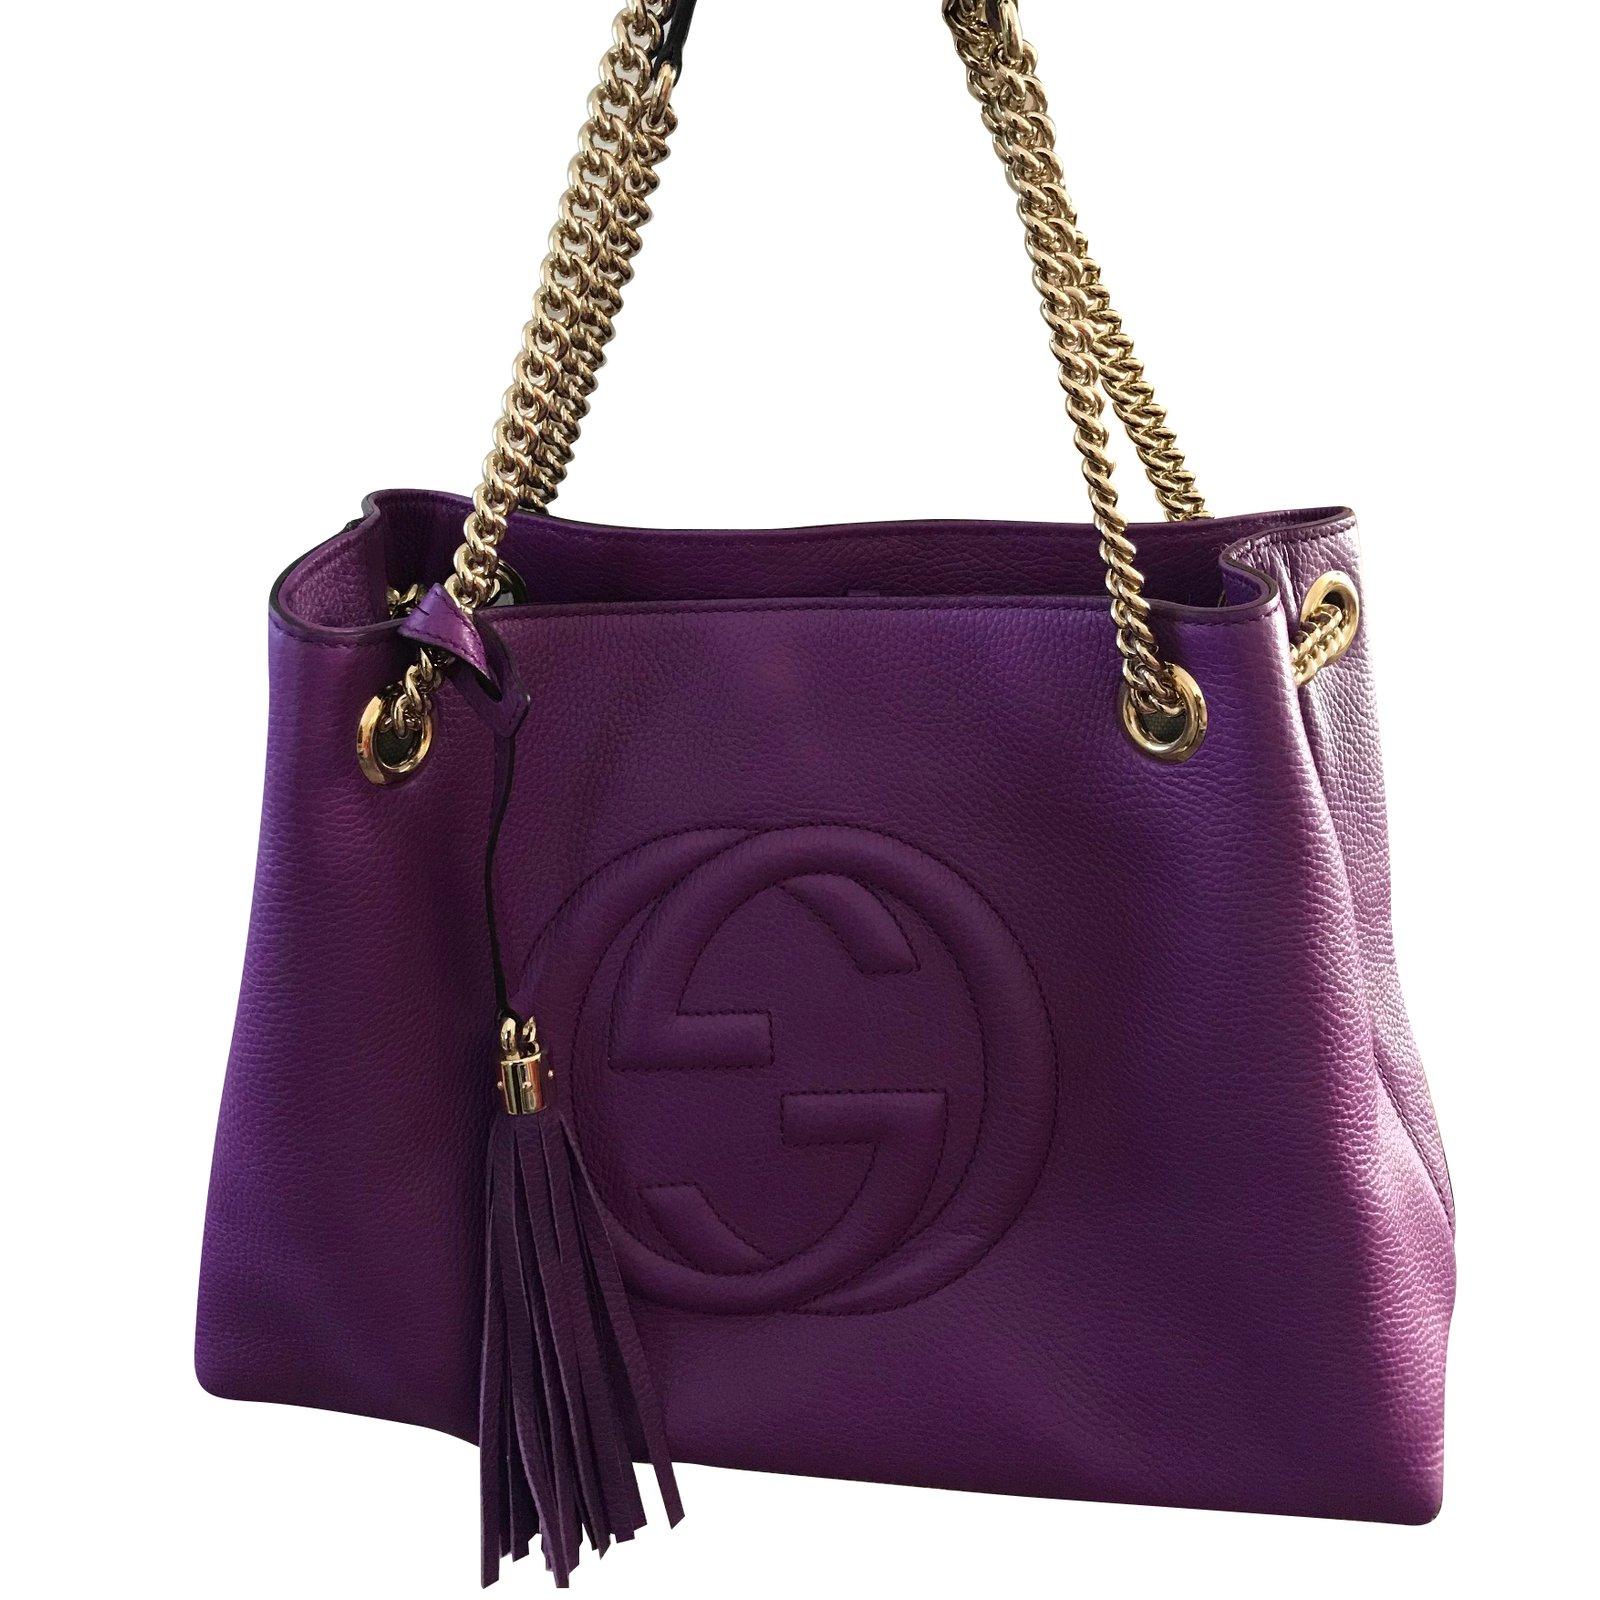 Sacs à main Gucci Sacs à main Cuir Violet ref.59229 - Joli Closet 37cd896ce48